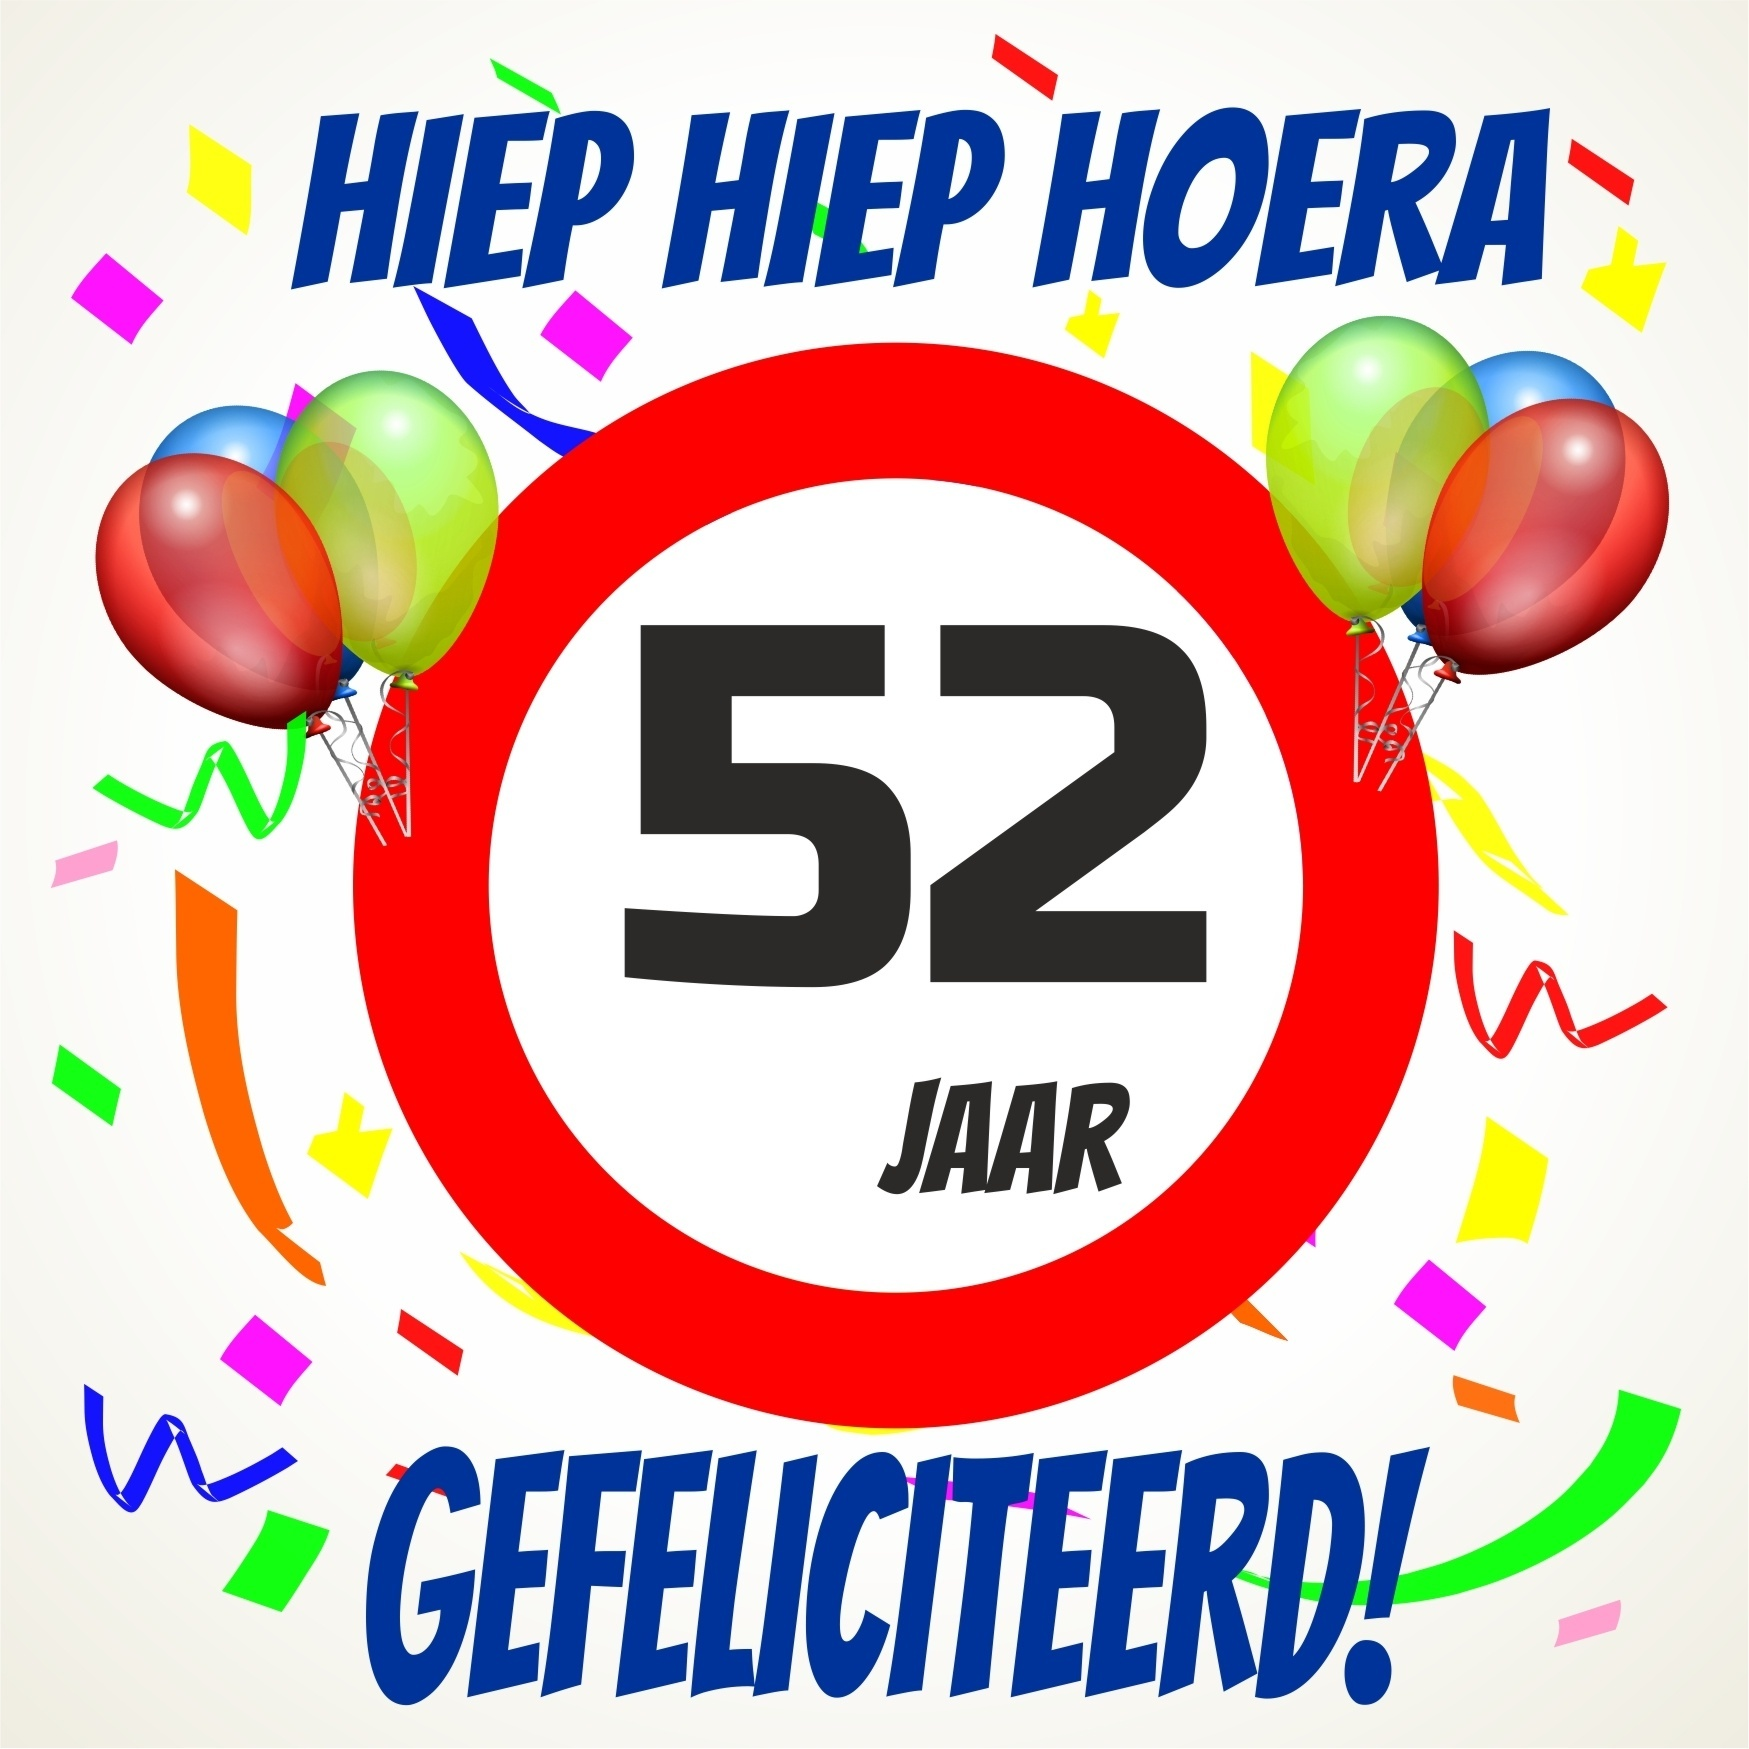 52 jaar Verjaardags tegeltje 52 jaar voordelig bij  52 jaar